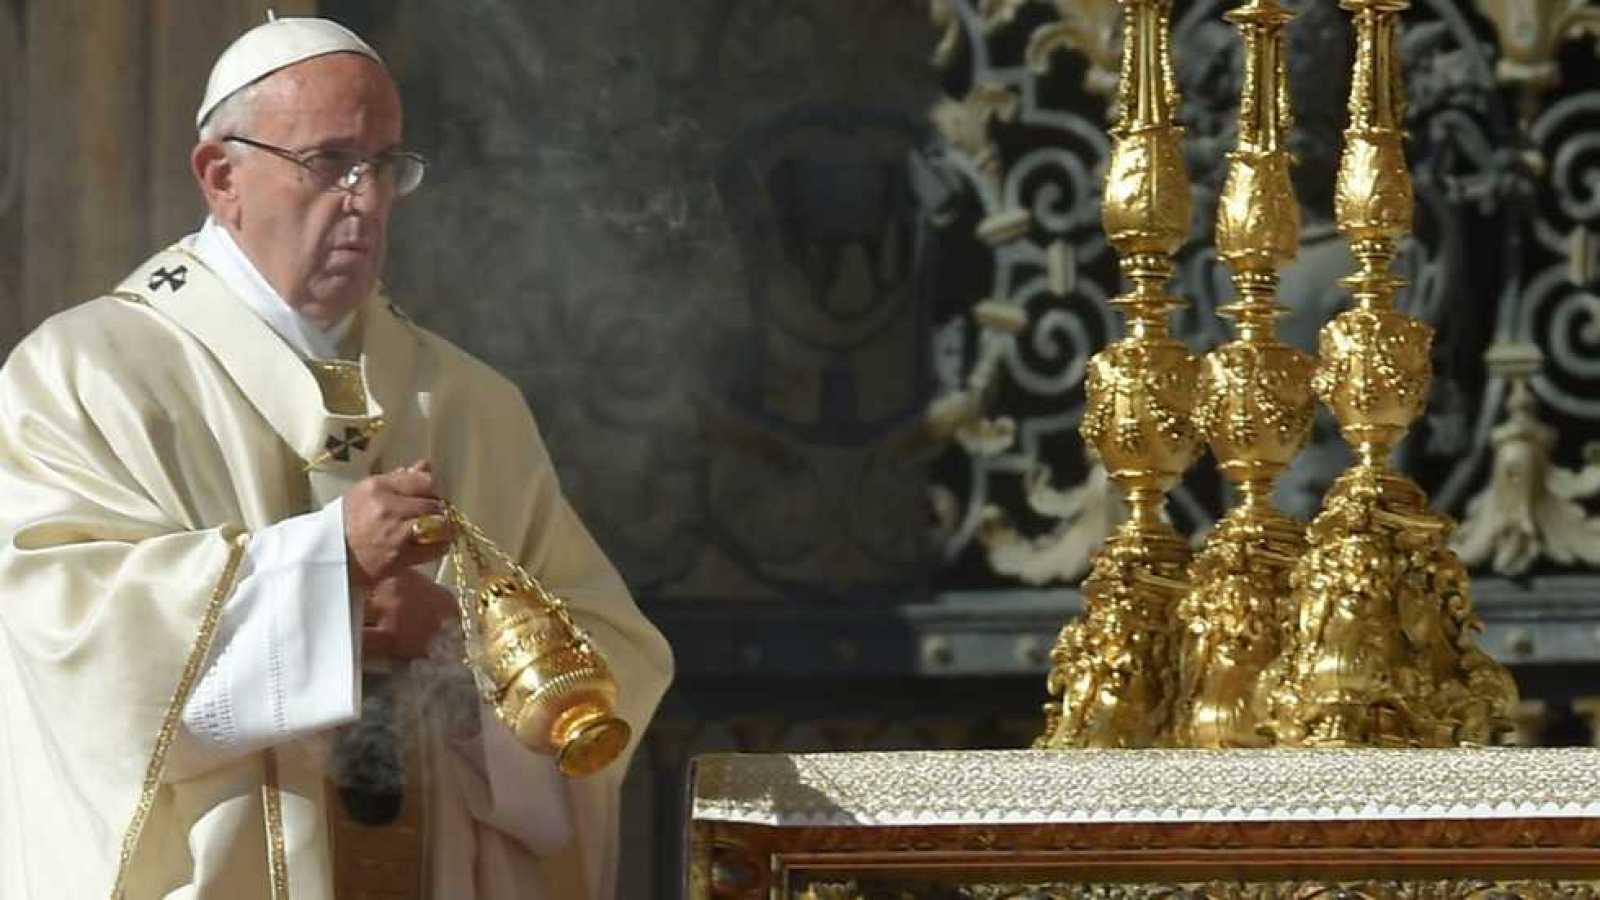 El día del Señor - Canonización del Obispo Manuel González desde el Vaticano, Roma - ver ahora